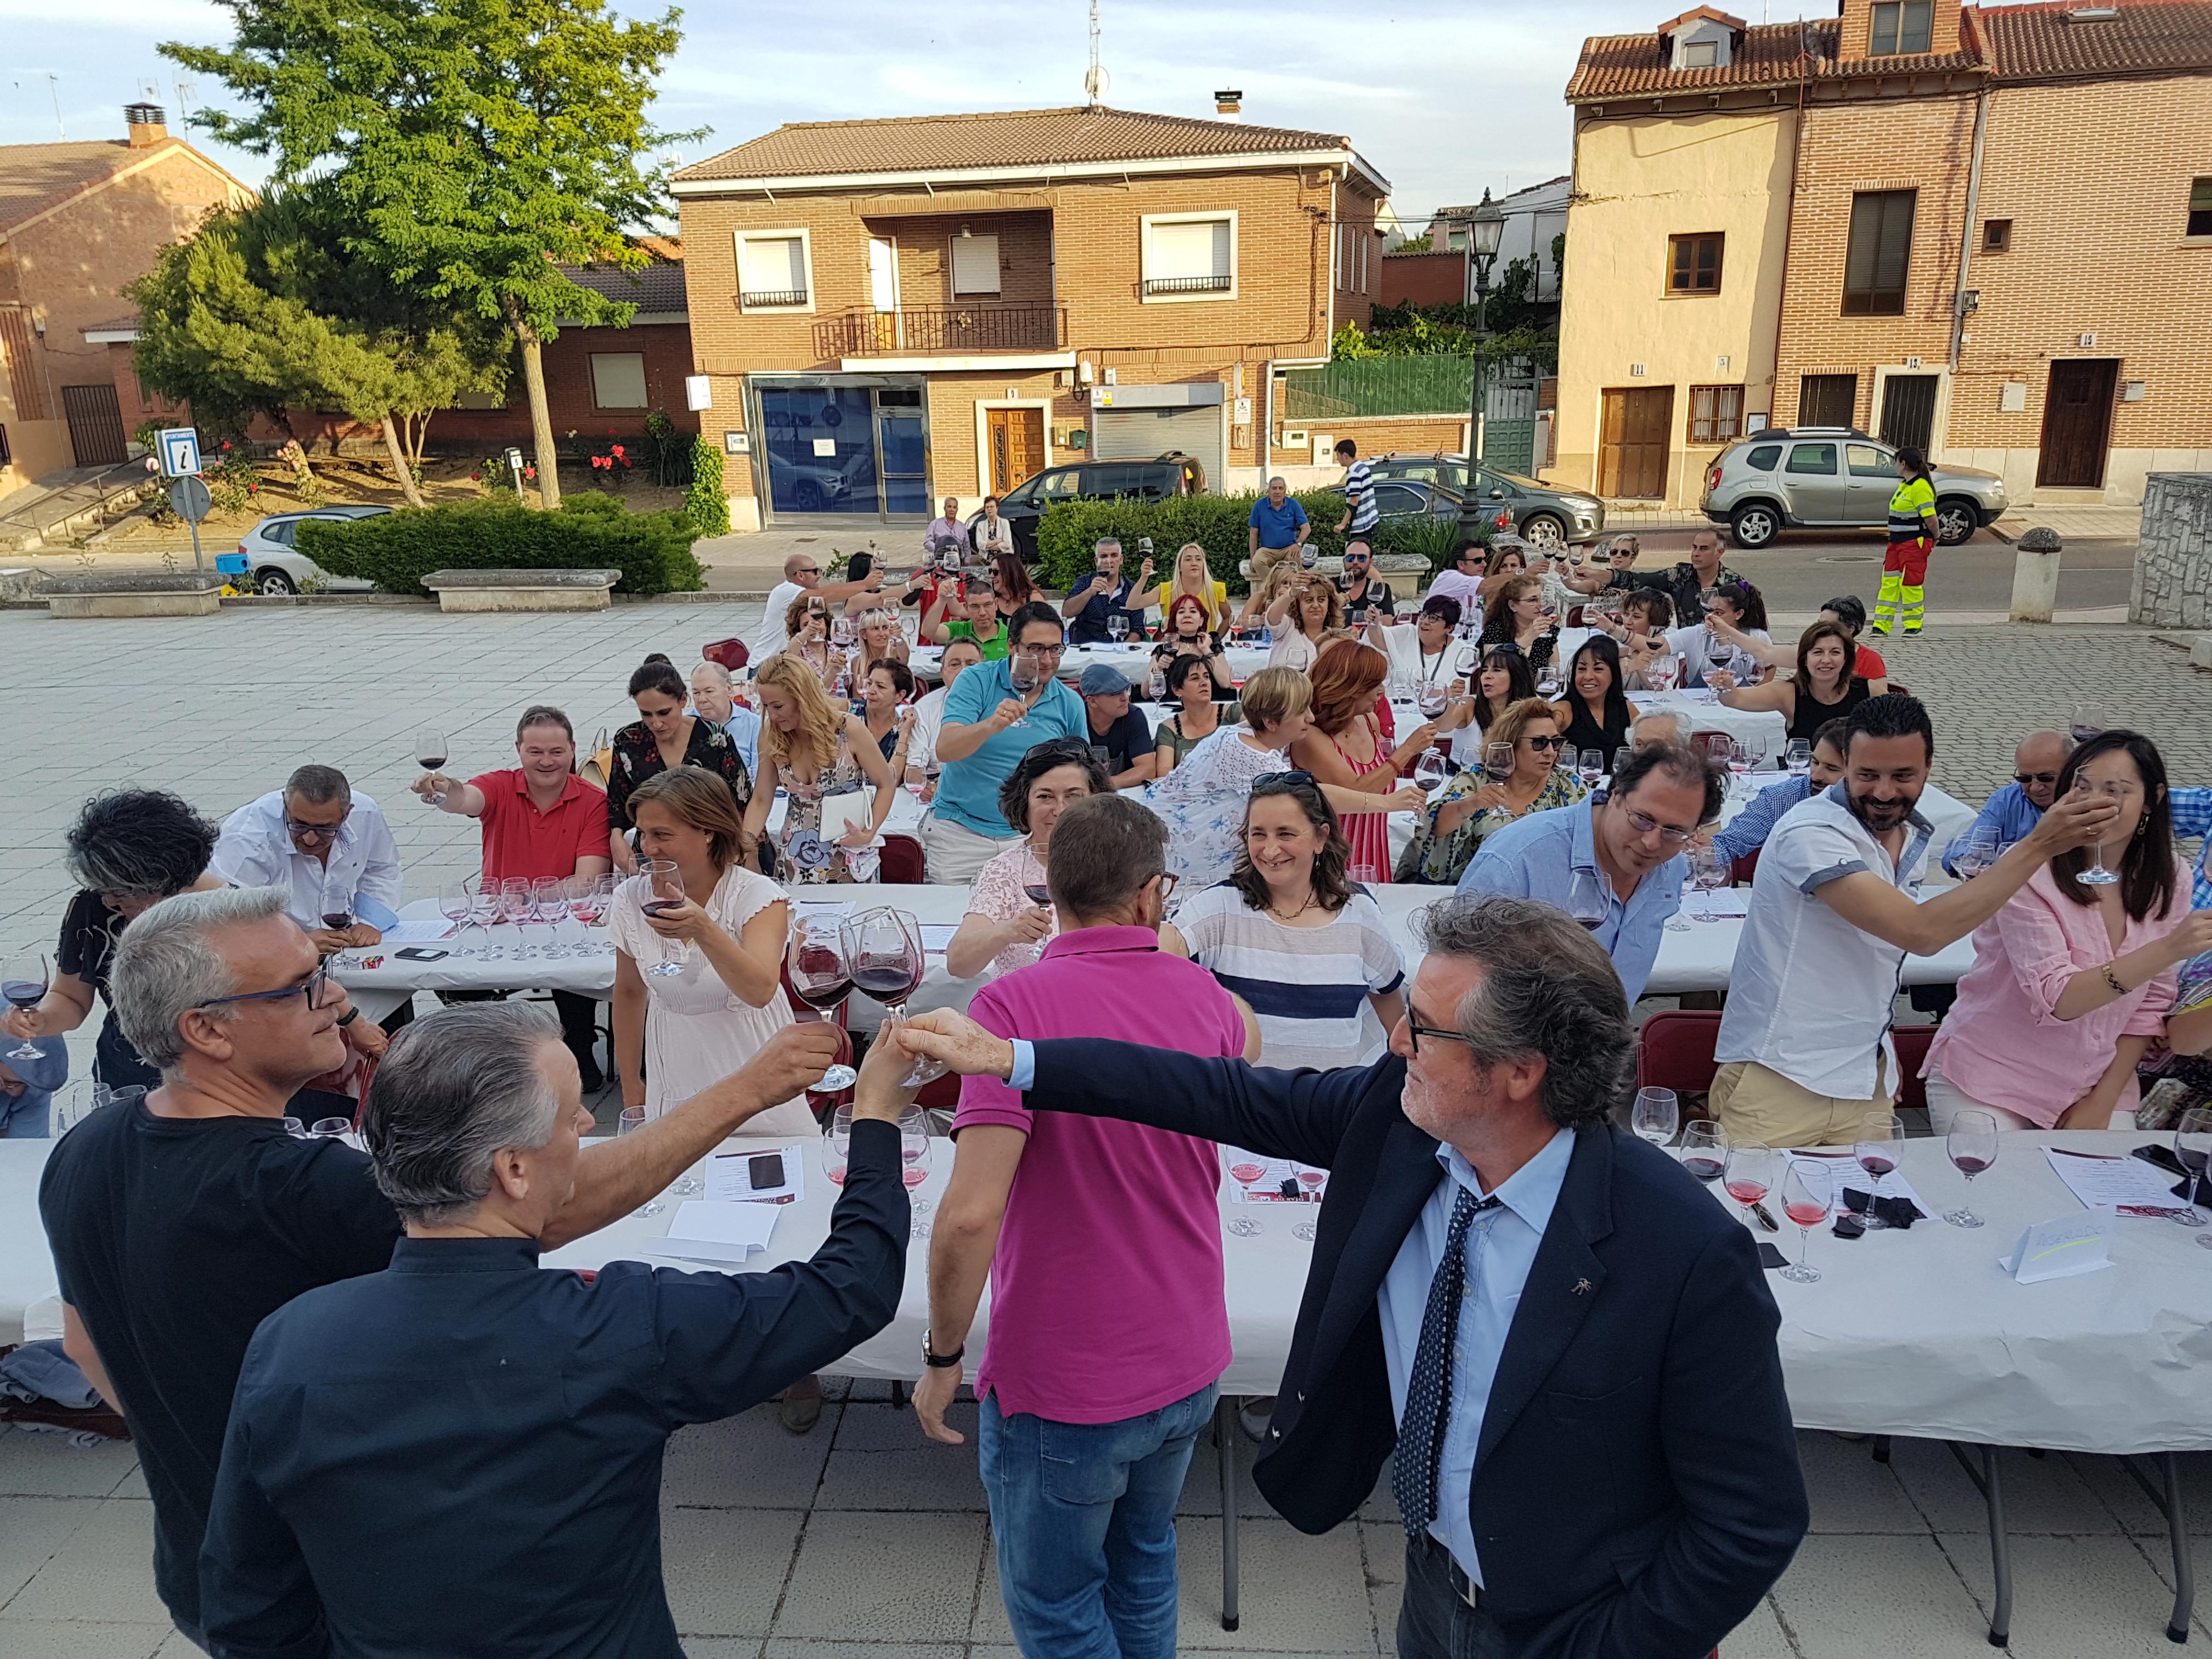 Gran ambiente en la cata musicalizada de Fuensaldaña homenaje a Pascual Herrera